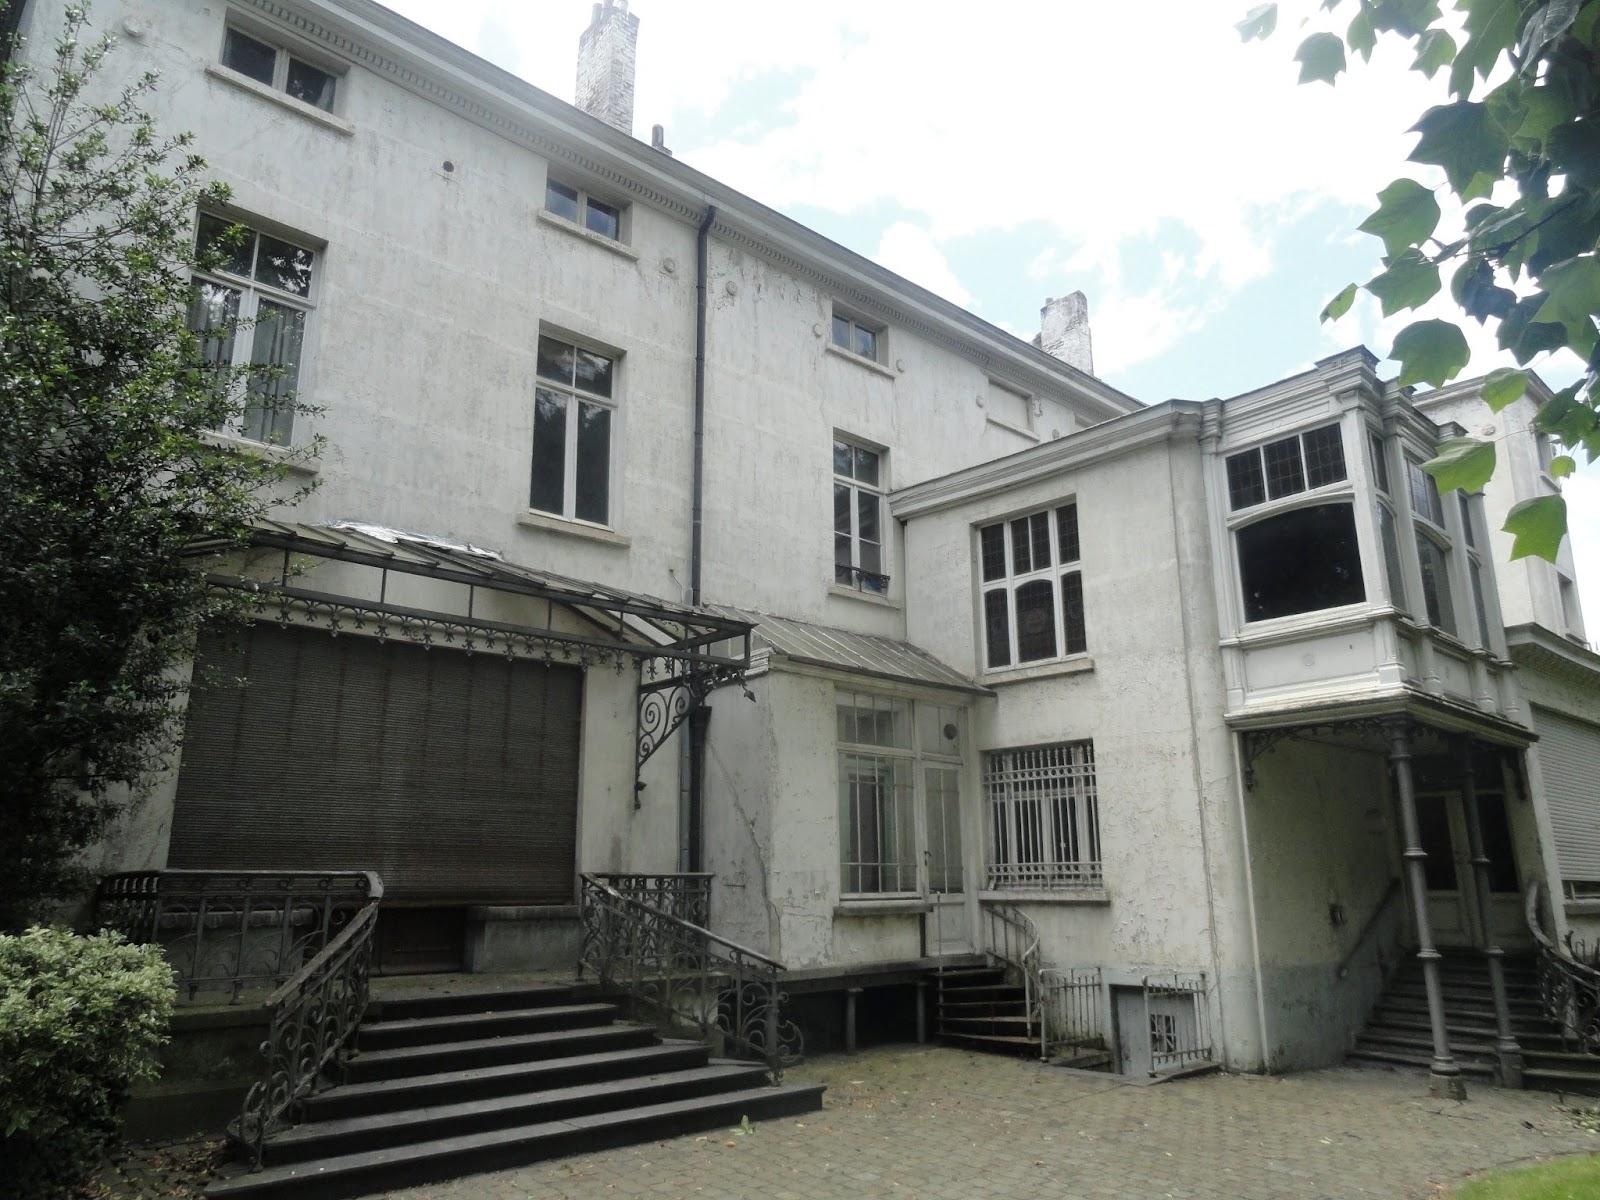 La maison hap a l 39 abandon 05 inter environnement - Maison qui s affaisse ...